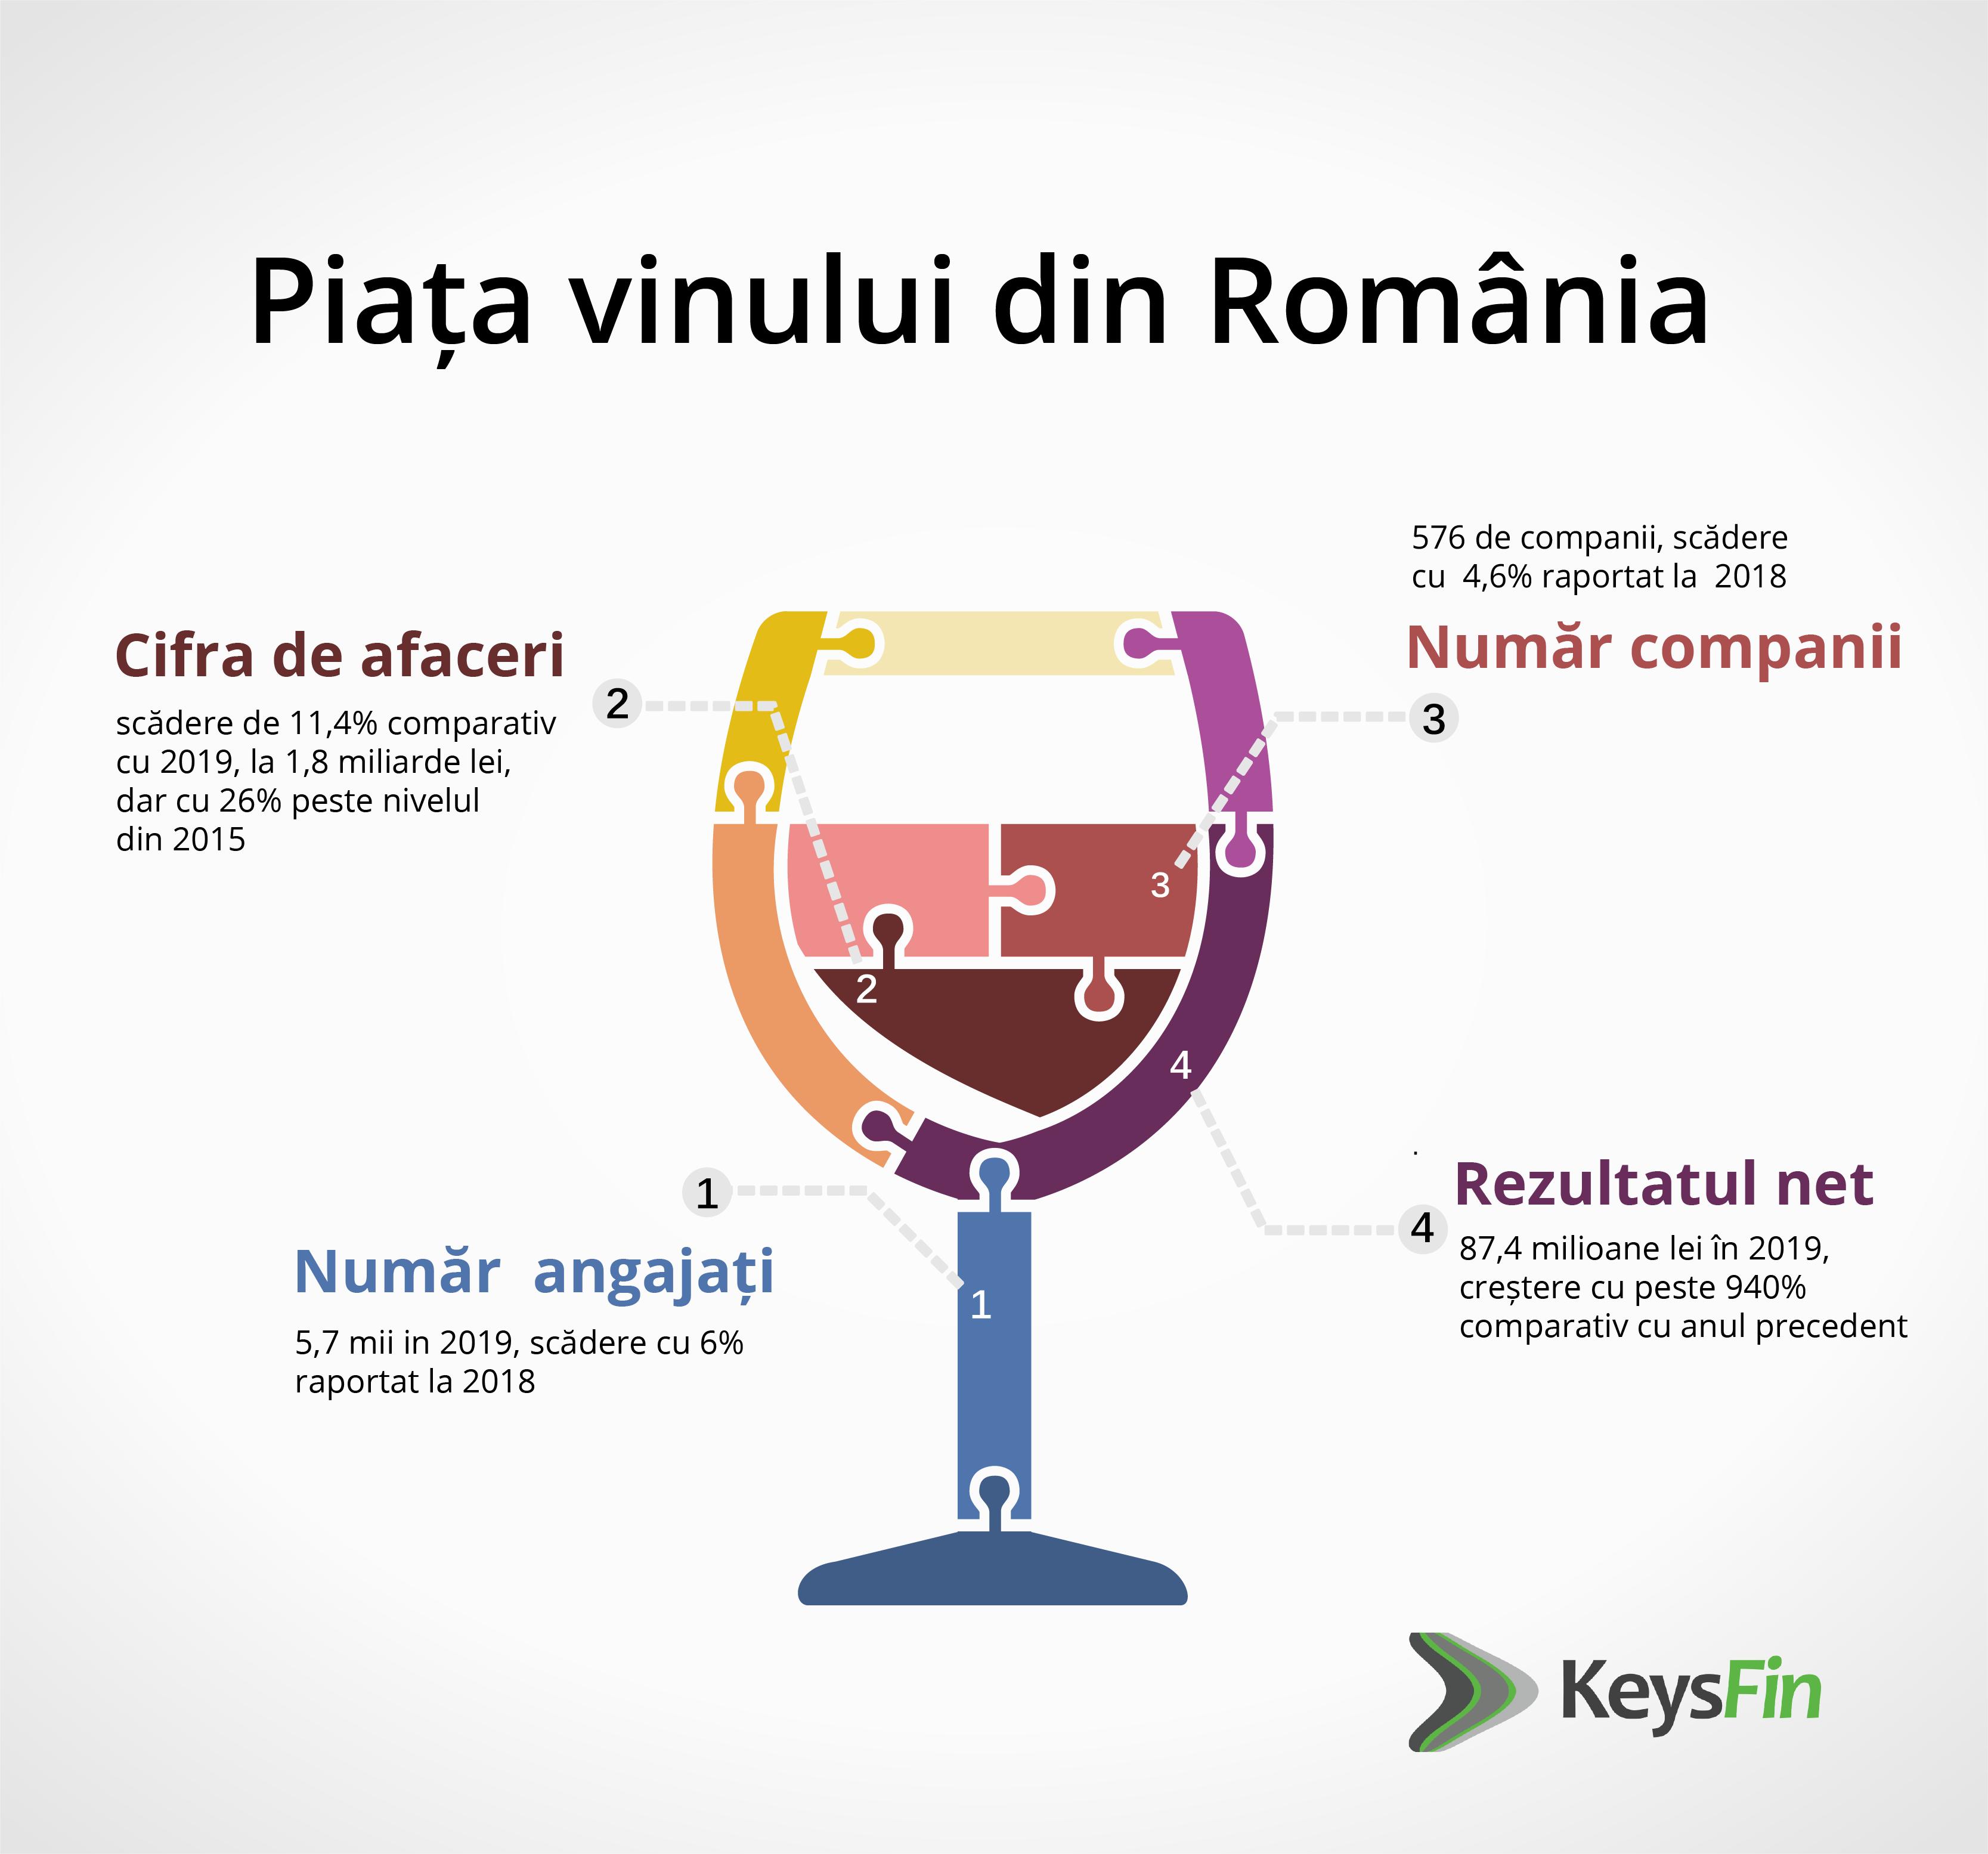 Paradoxul vinurilor românești: cifră de afaceri mai mică în 2019, dar cel mai bun rezultat net din ultimii 10 ani